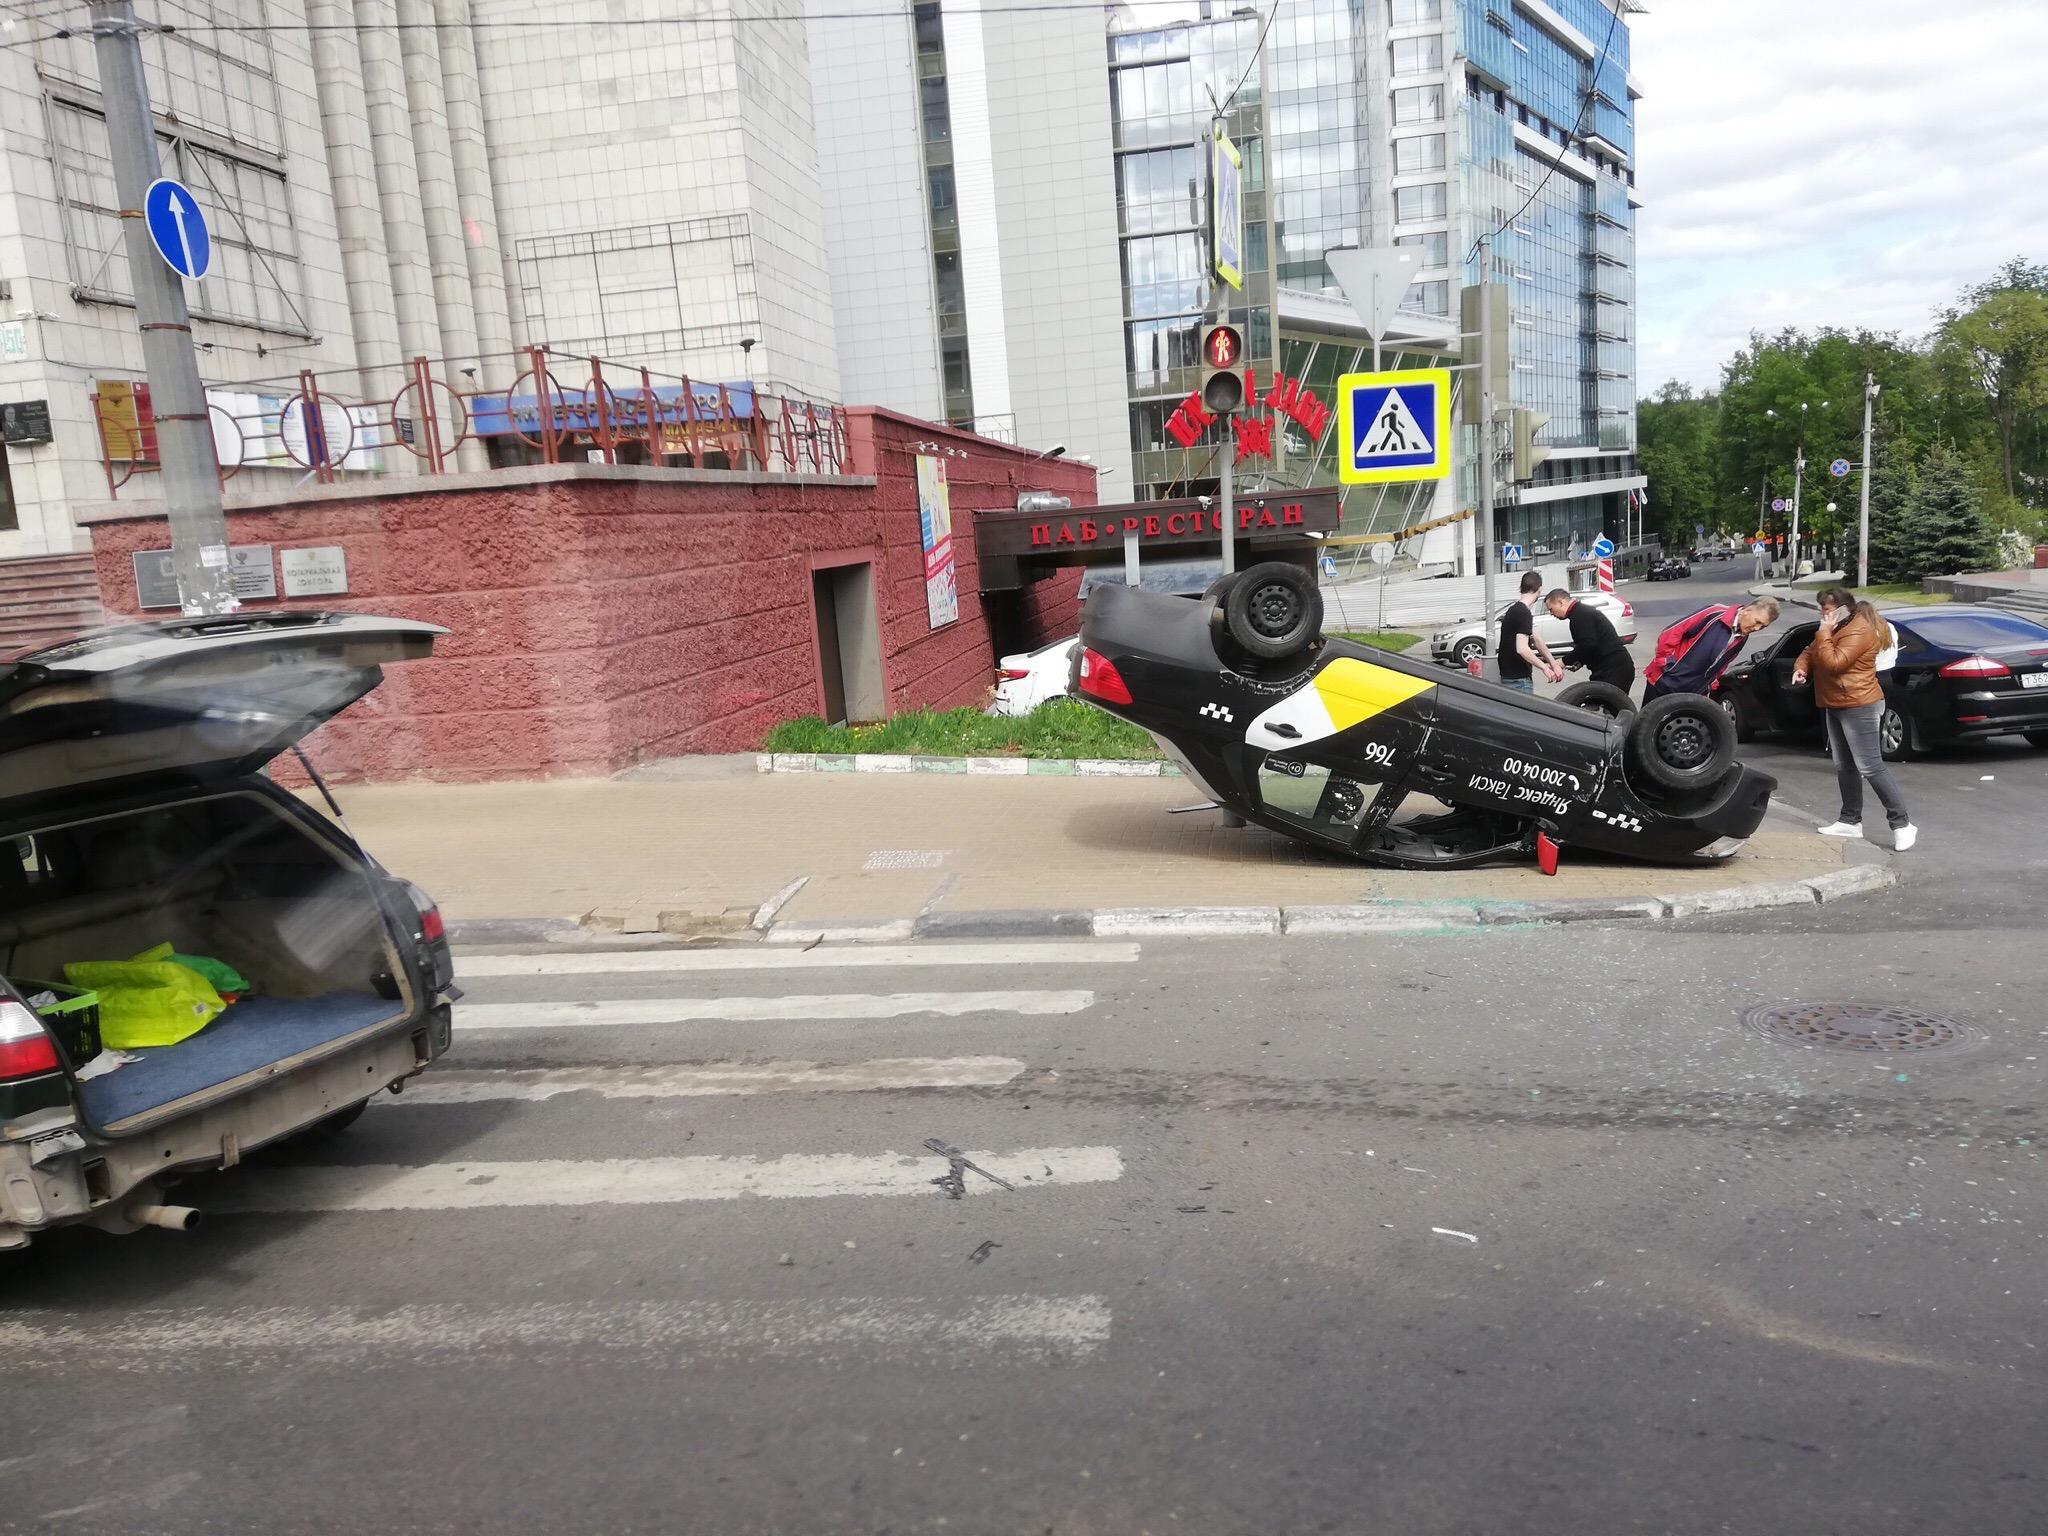 «Яндекс.Такси» перевернулось на улице Максима Горького